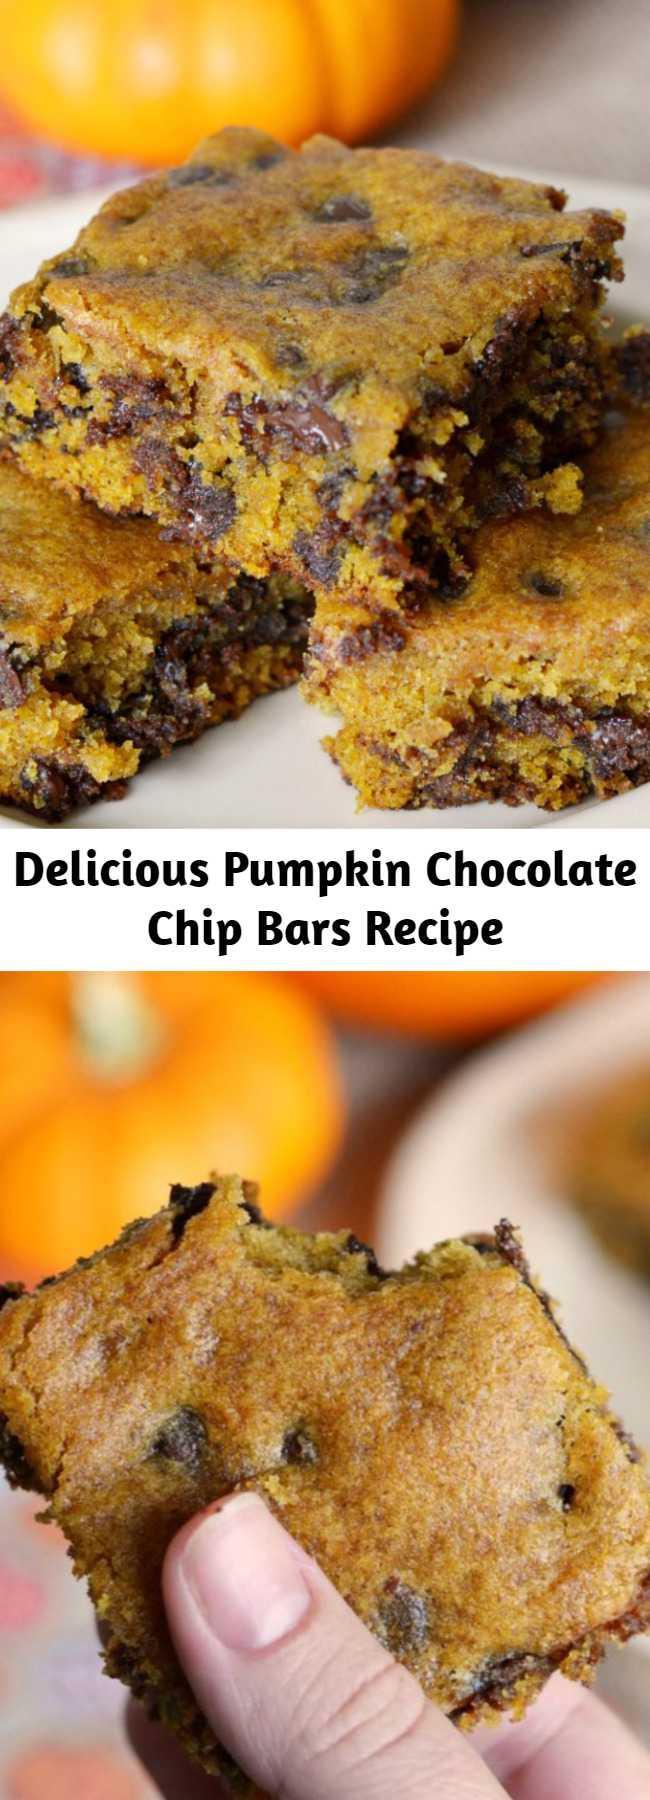 Delicious Pumpkin Chocolate Chip Bars Recipe - Soft, chewy, and delicious, these pumpkin chocolate chip bars are a delicious fall dessert!